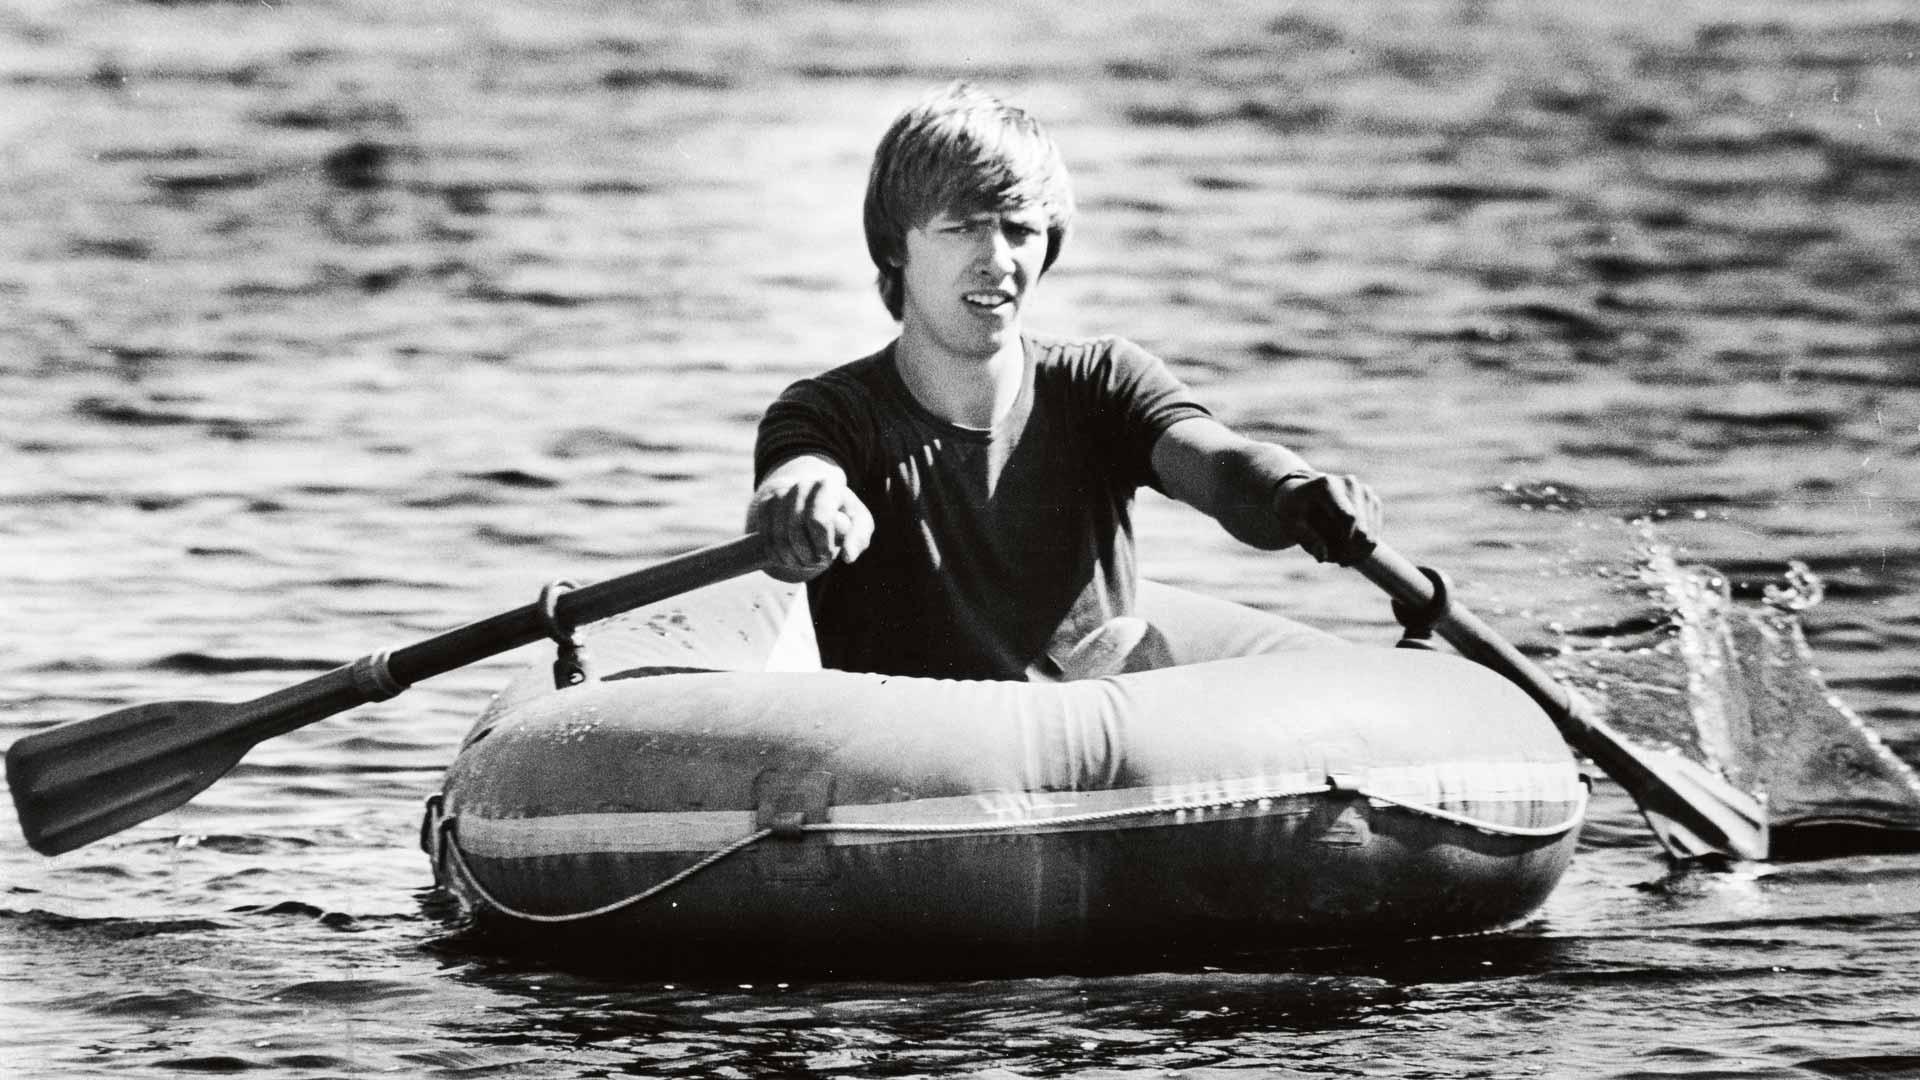 Vuosi pakonsa jälkeen Mart Vahter antoi haastattelun uumajalaiselle Västernbottens Folkbladille, joka kuvautti hänet kumiveneessä. Vahter kuitenkin vaikeni visusti siitä, ketkä häntä auttoivat.